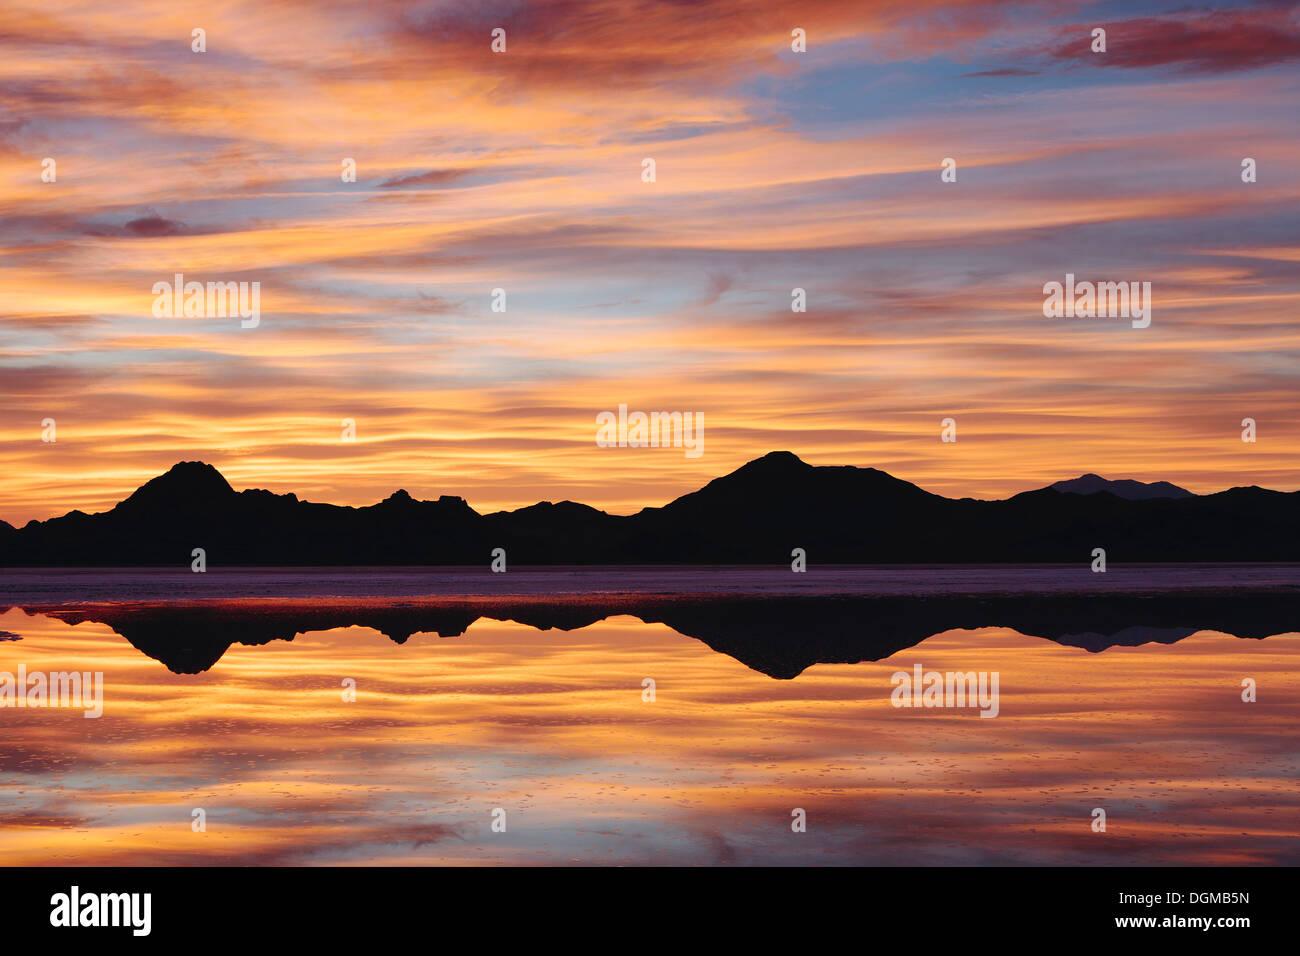 Himmel bei Sonnenuntergang. Schichten von Cloud reflektieren im seichten Wasser überschwemmen den Bonneville Salt Flats Stockbild